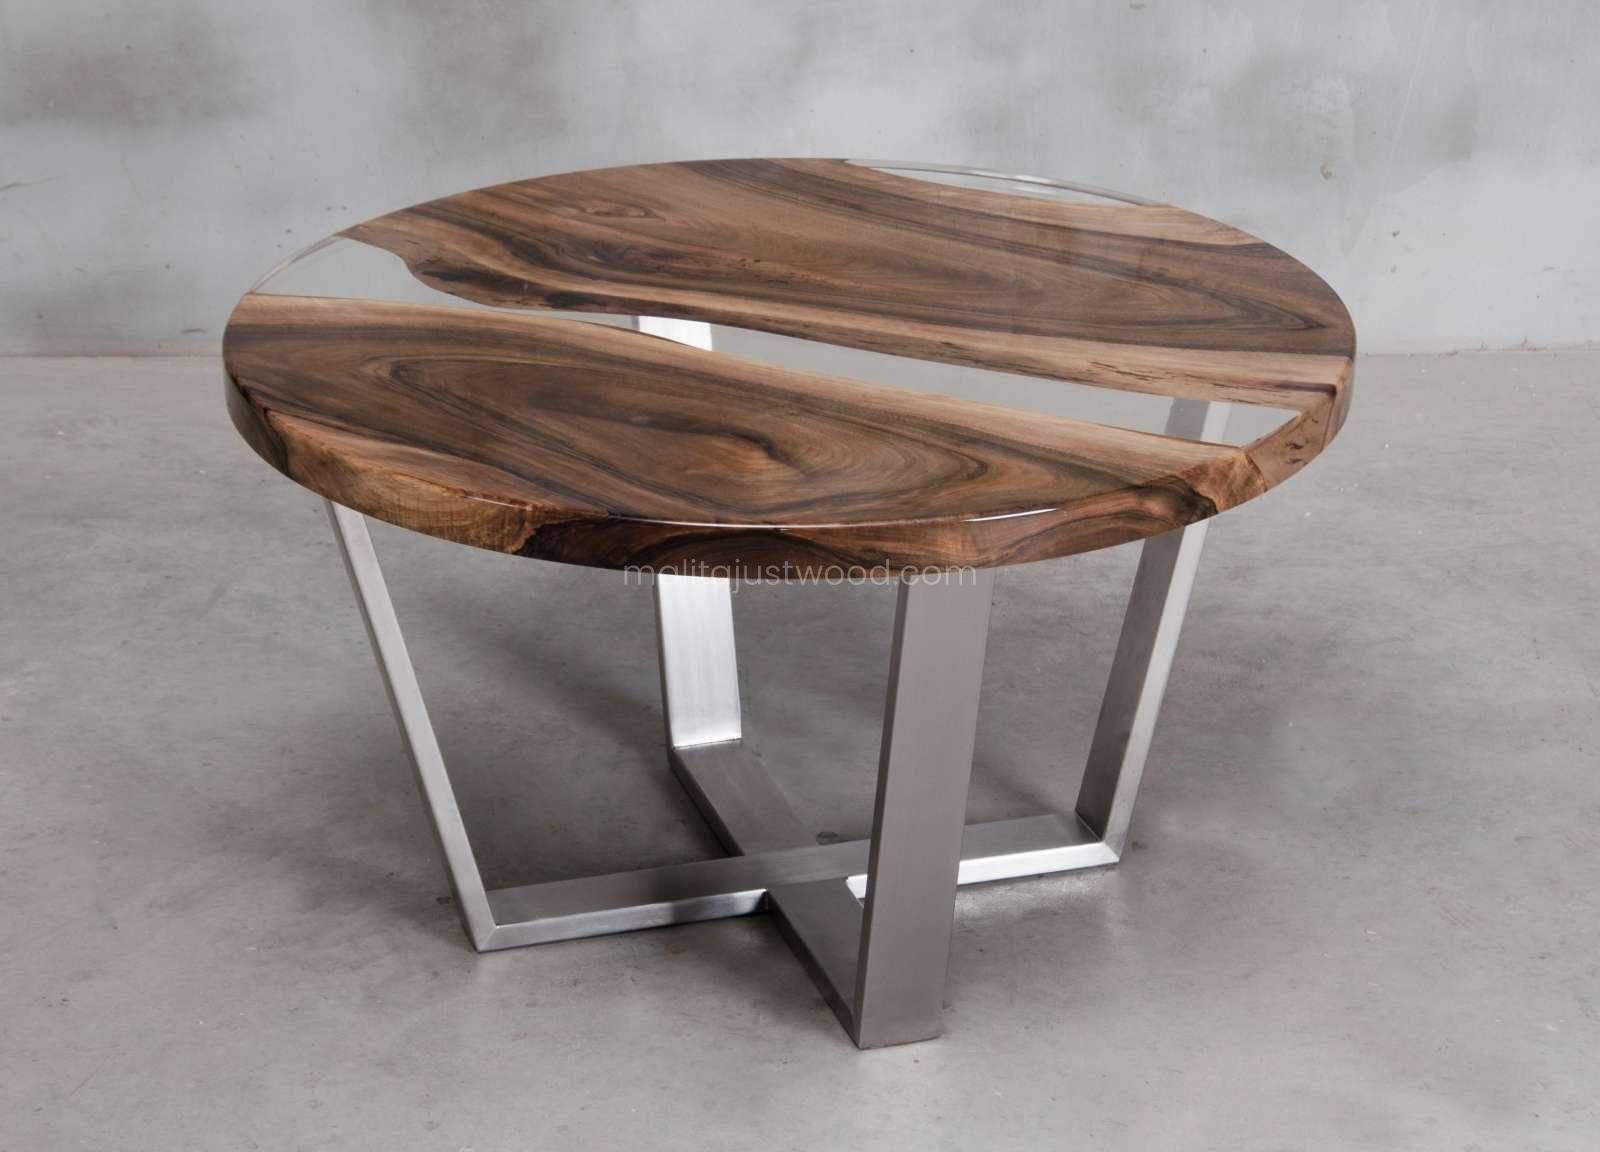 z drewna orzecha europejskiego stolik Ferro z żywicą epoksydową